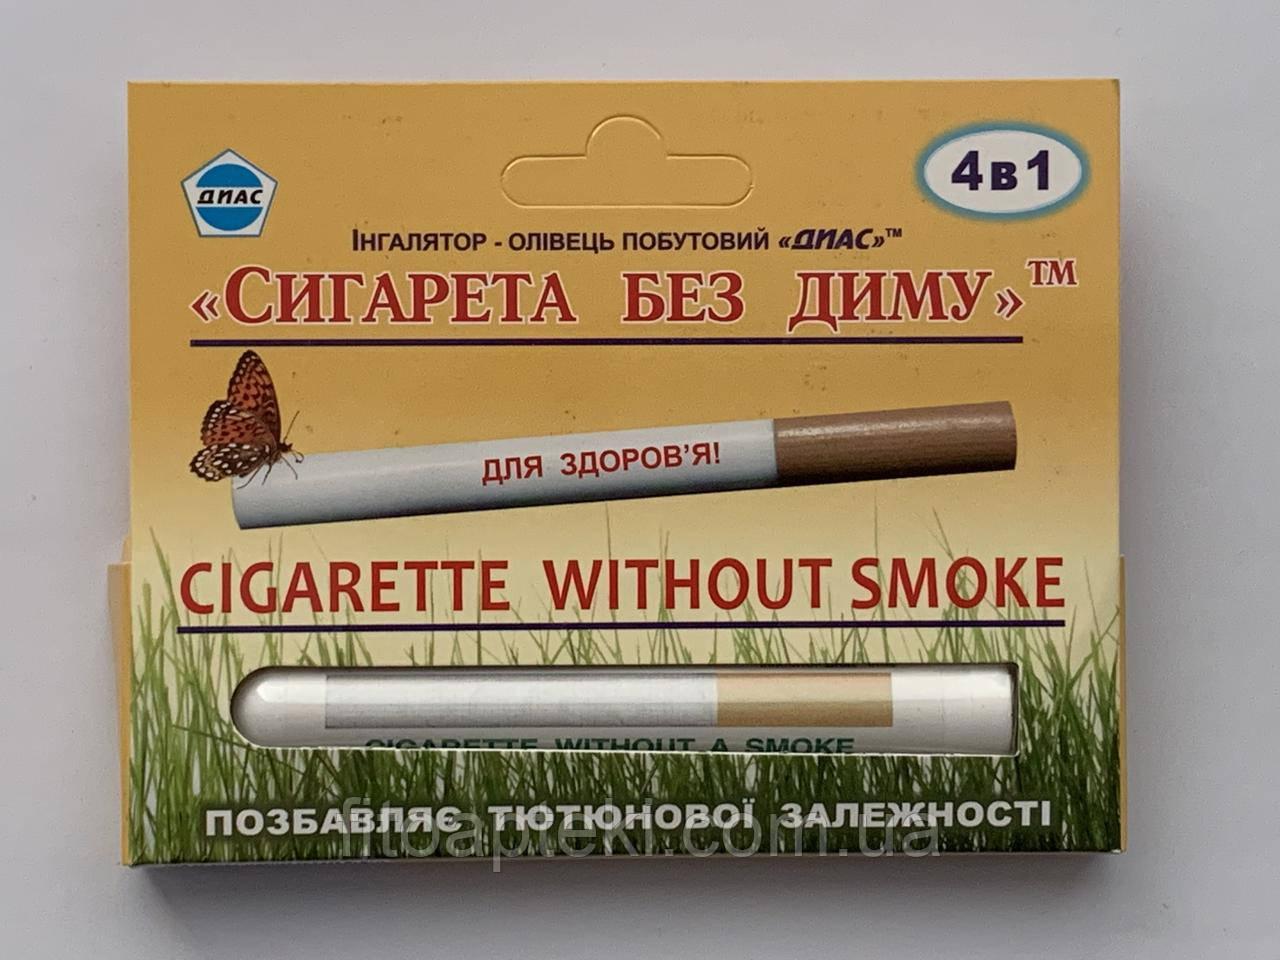 Ингалятор диас сигарета от курения где купить атомик электронные сигареты одноразовая